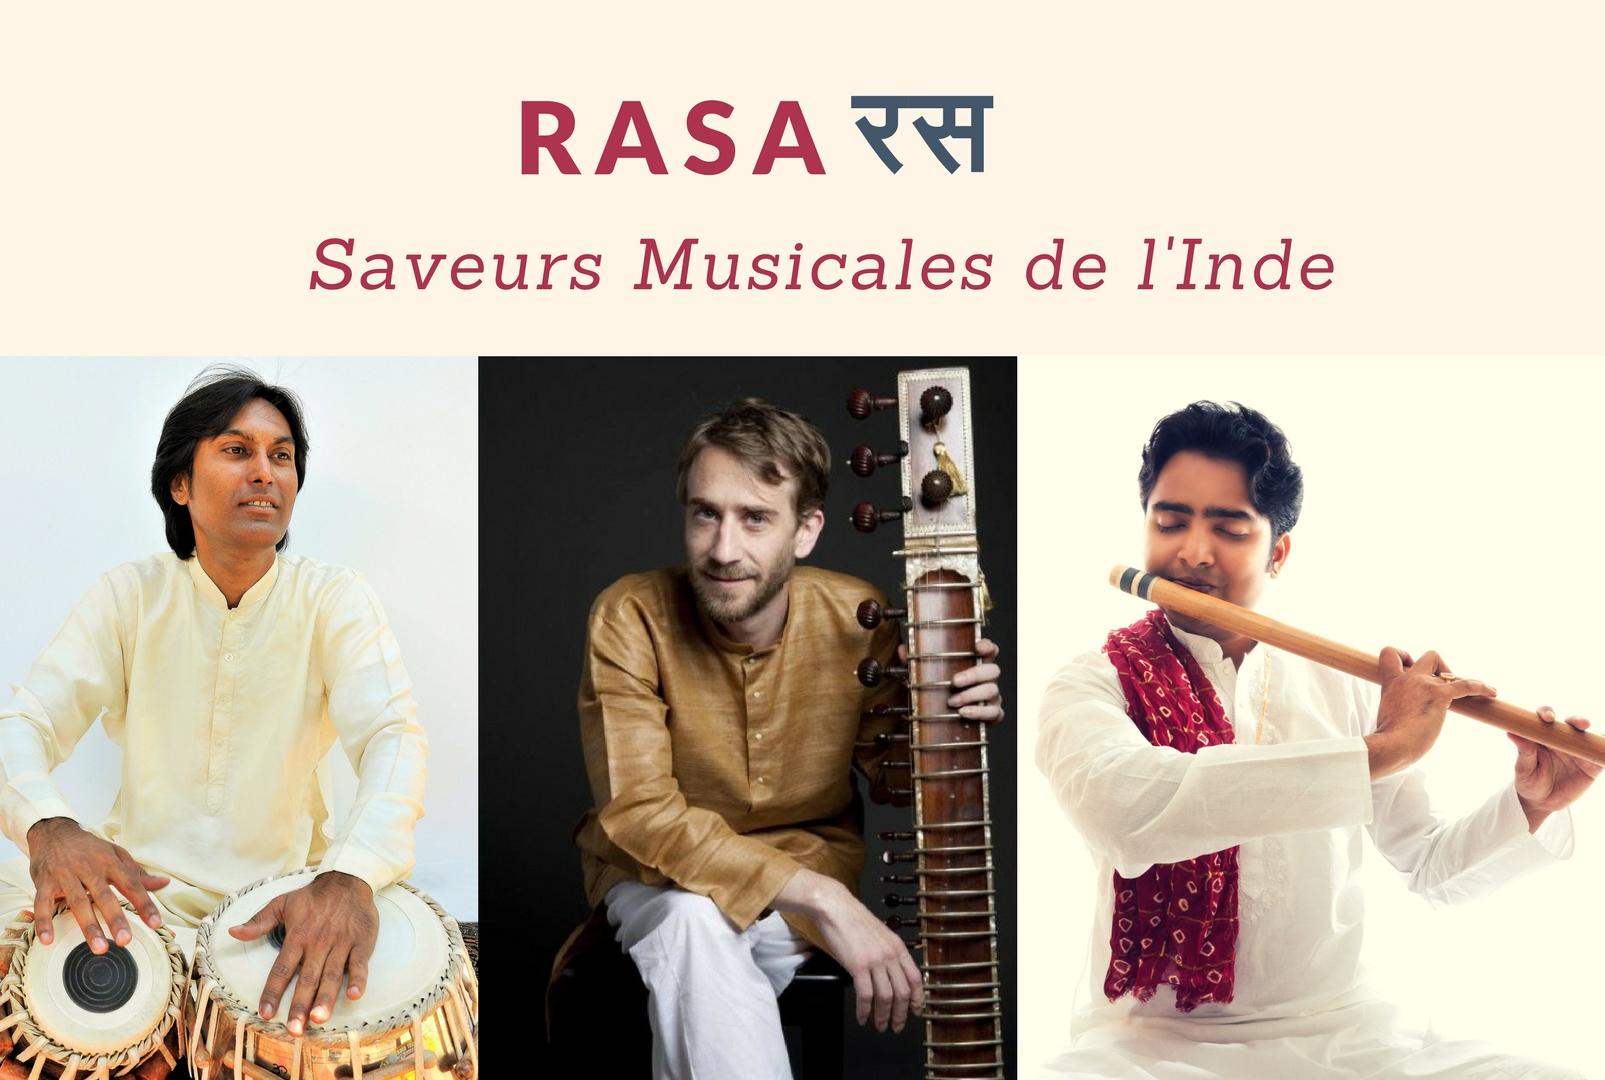 Concert de muzică clasică RASA - Saveurs musicales de l'Inde